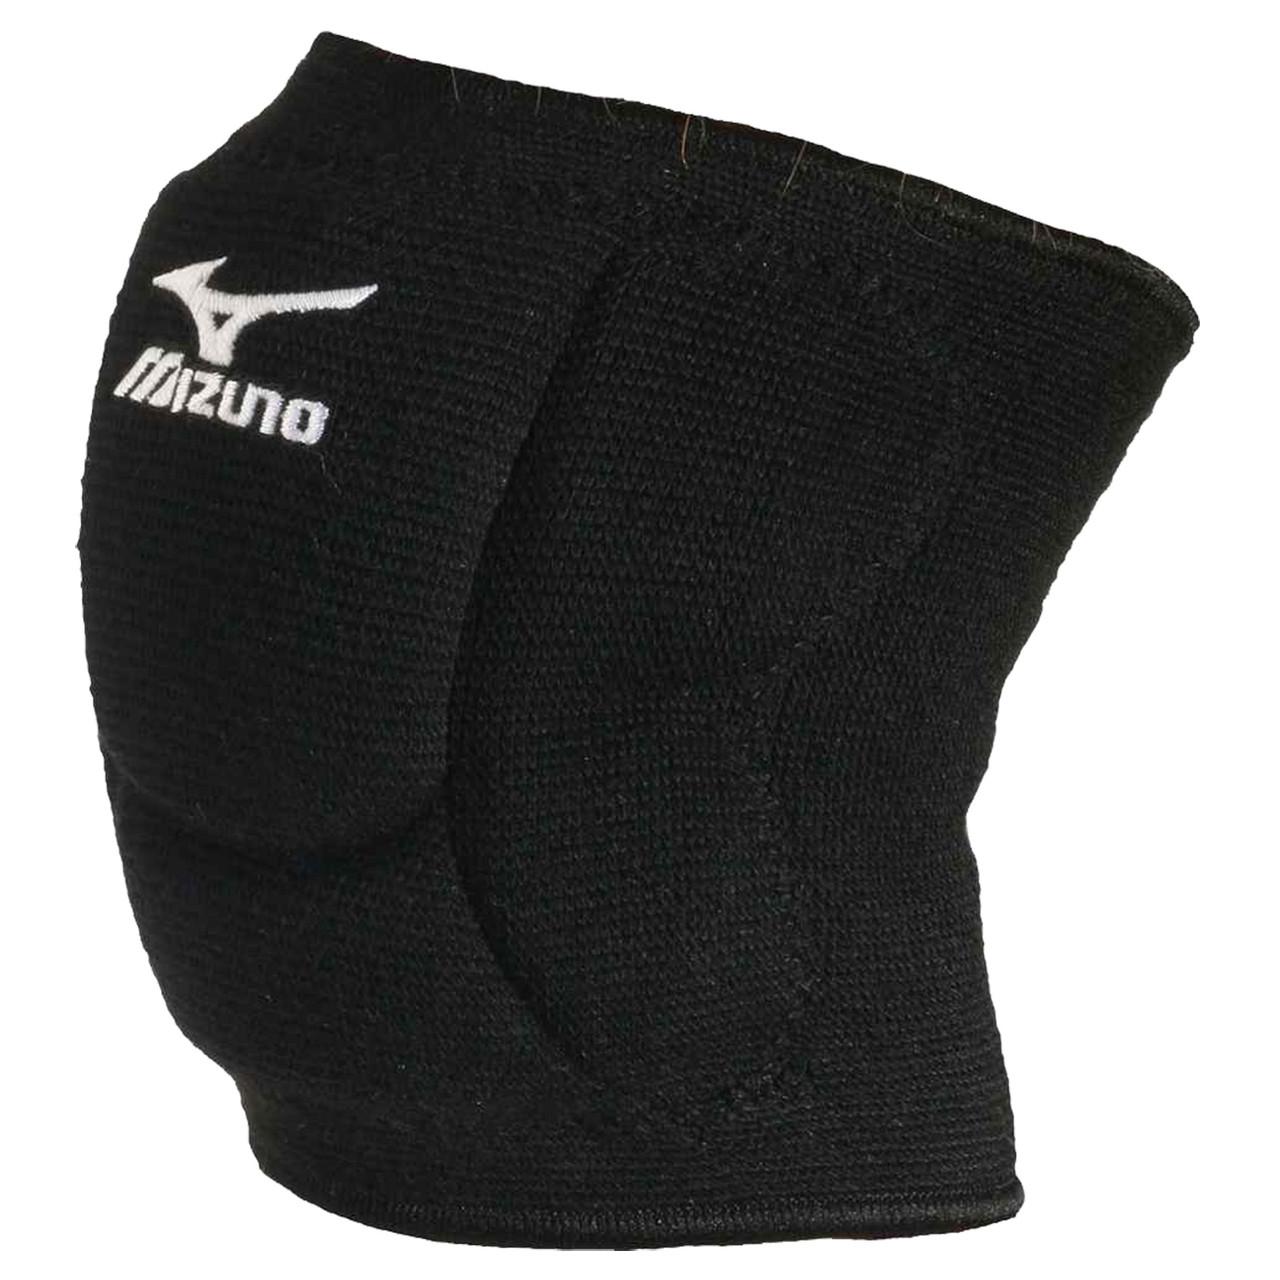 Наколенники Mizuno VS1 Compact kneepad Z59SS892-09